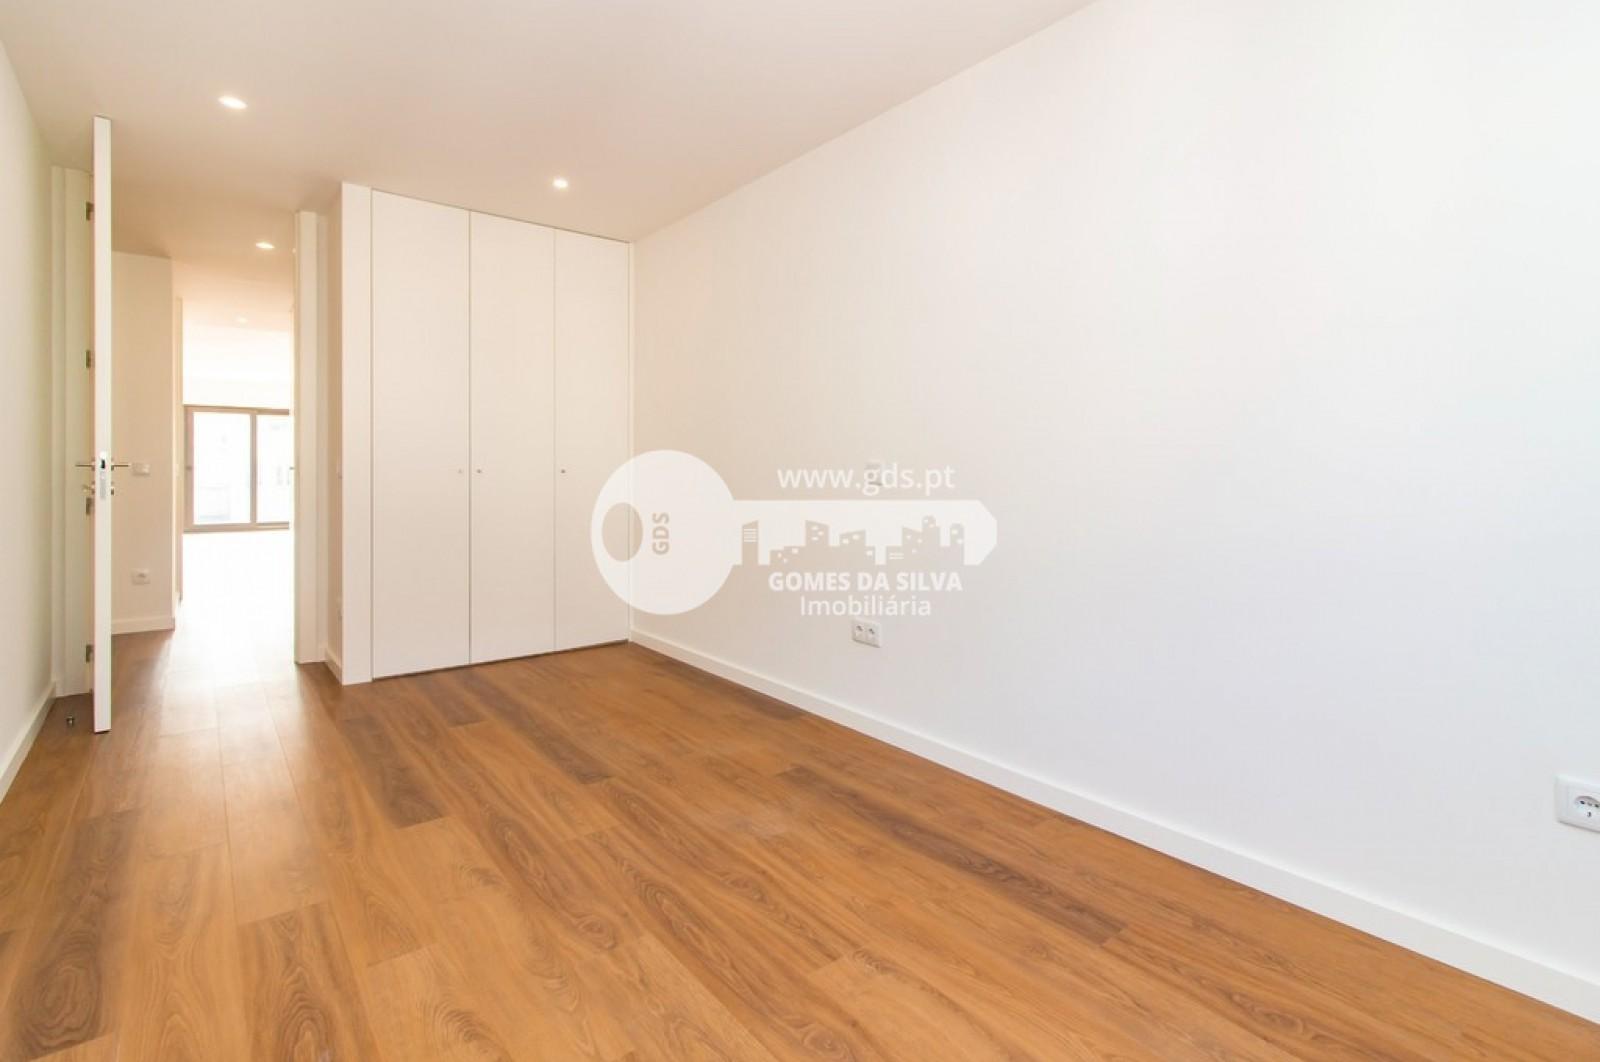 Apartamento T3 para Venda em São Vicente, Braga, Braga - Imagem 27